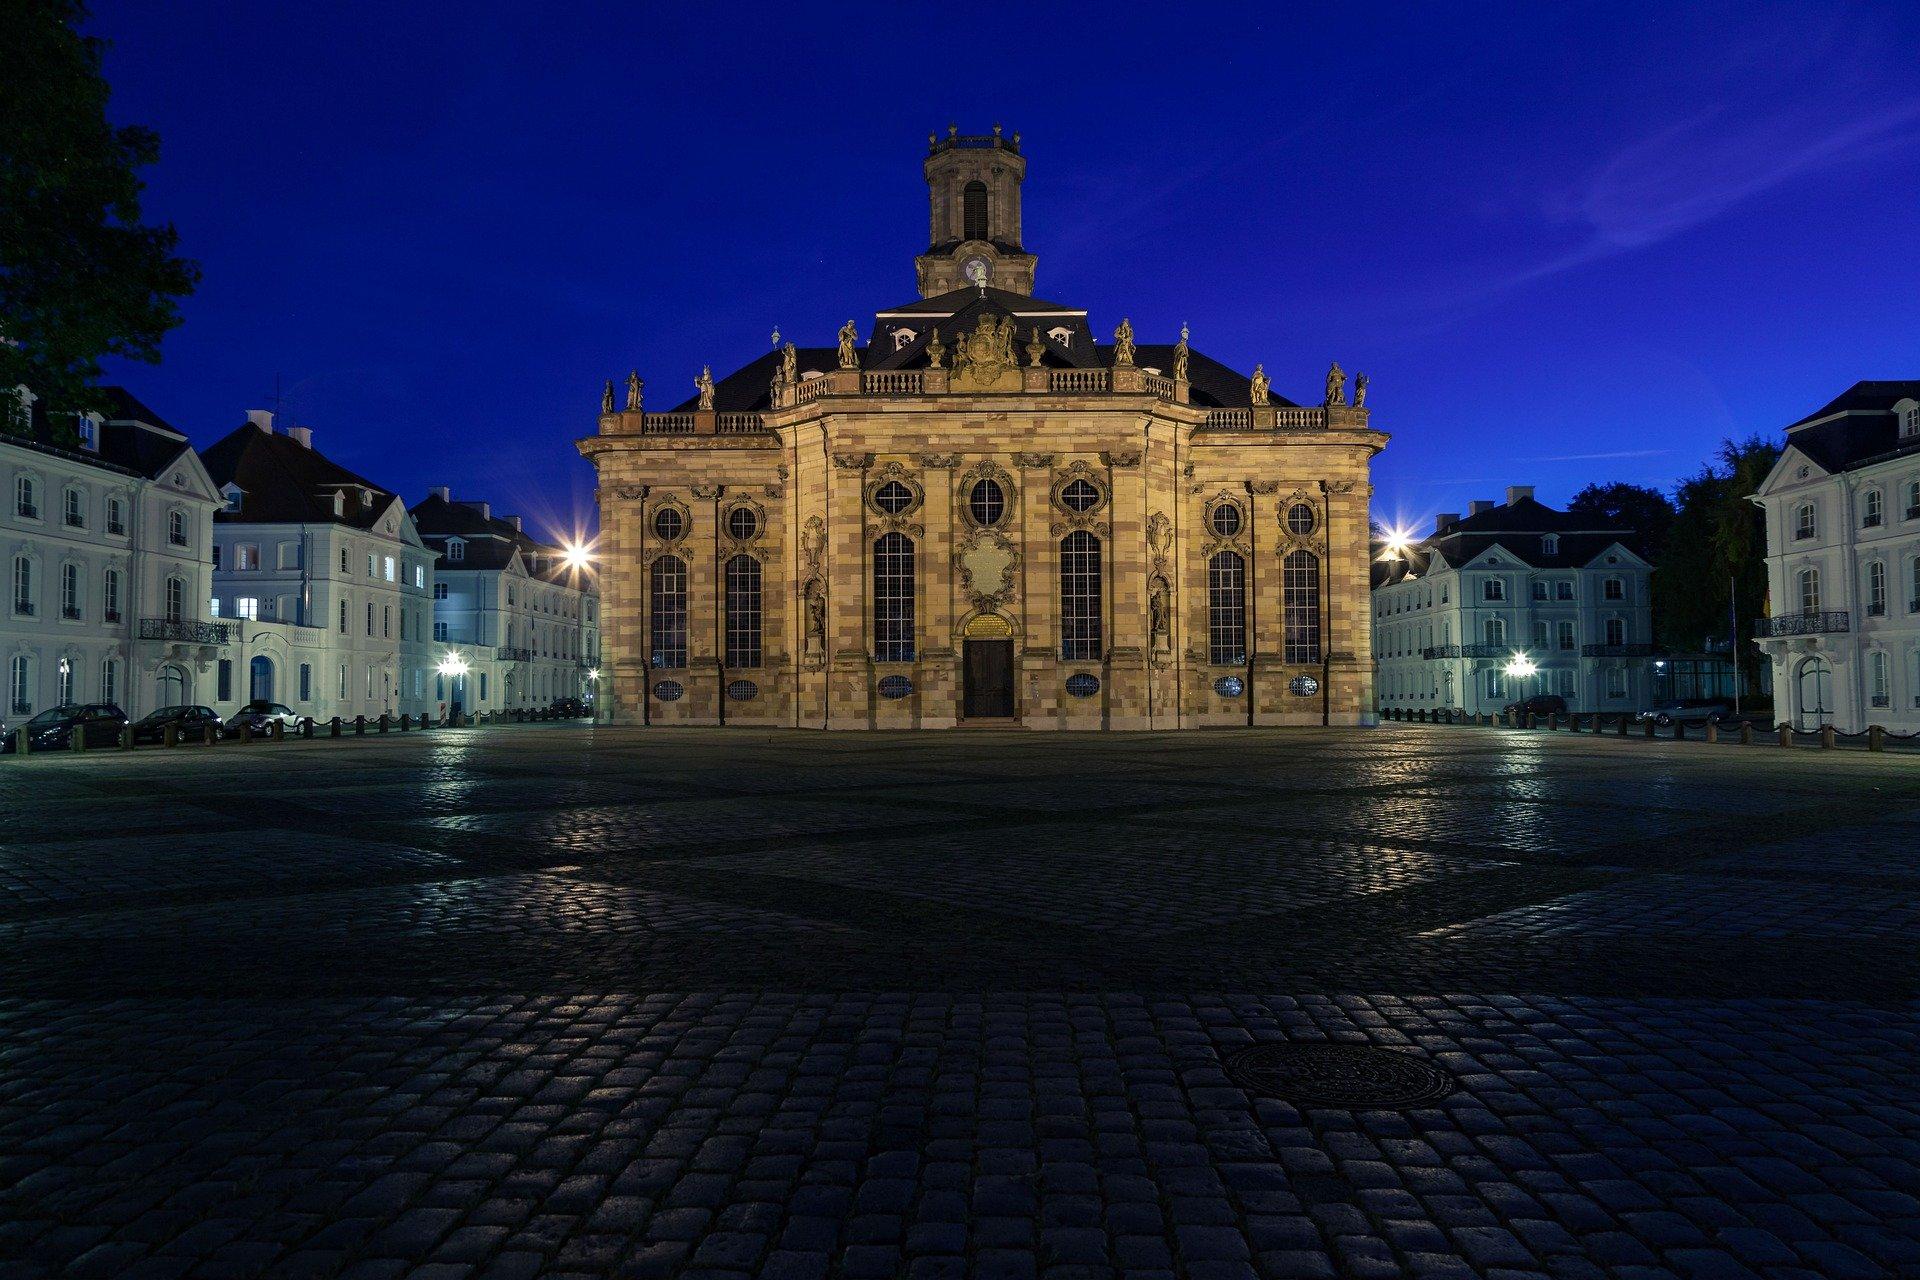 Bild vom Dom von Saarbrücken bei Nacht